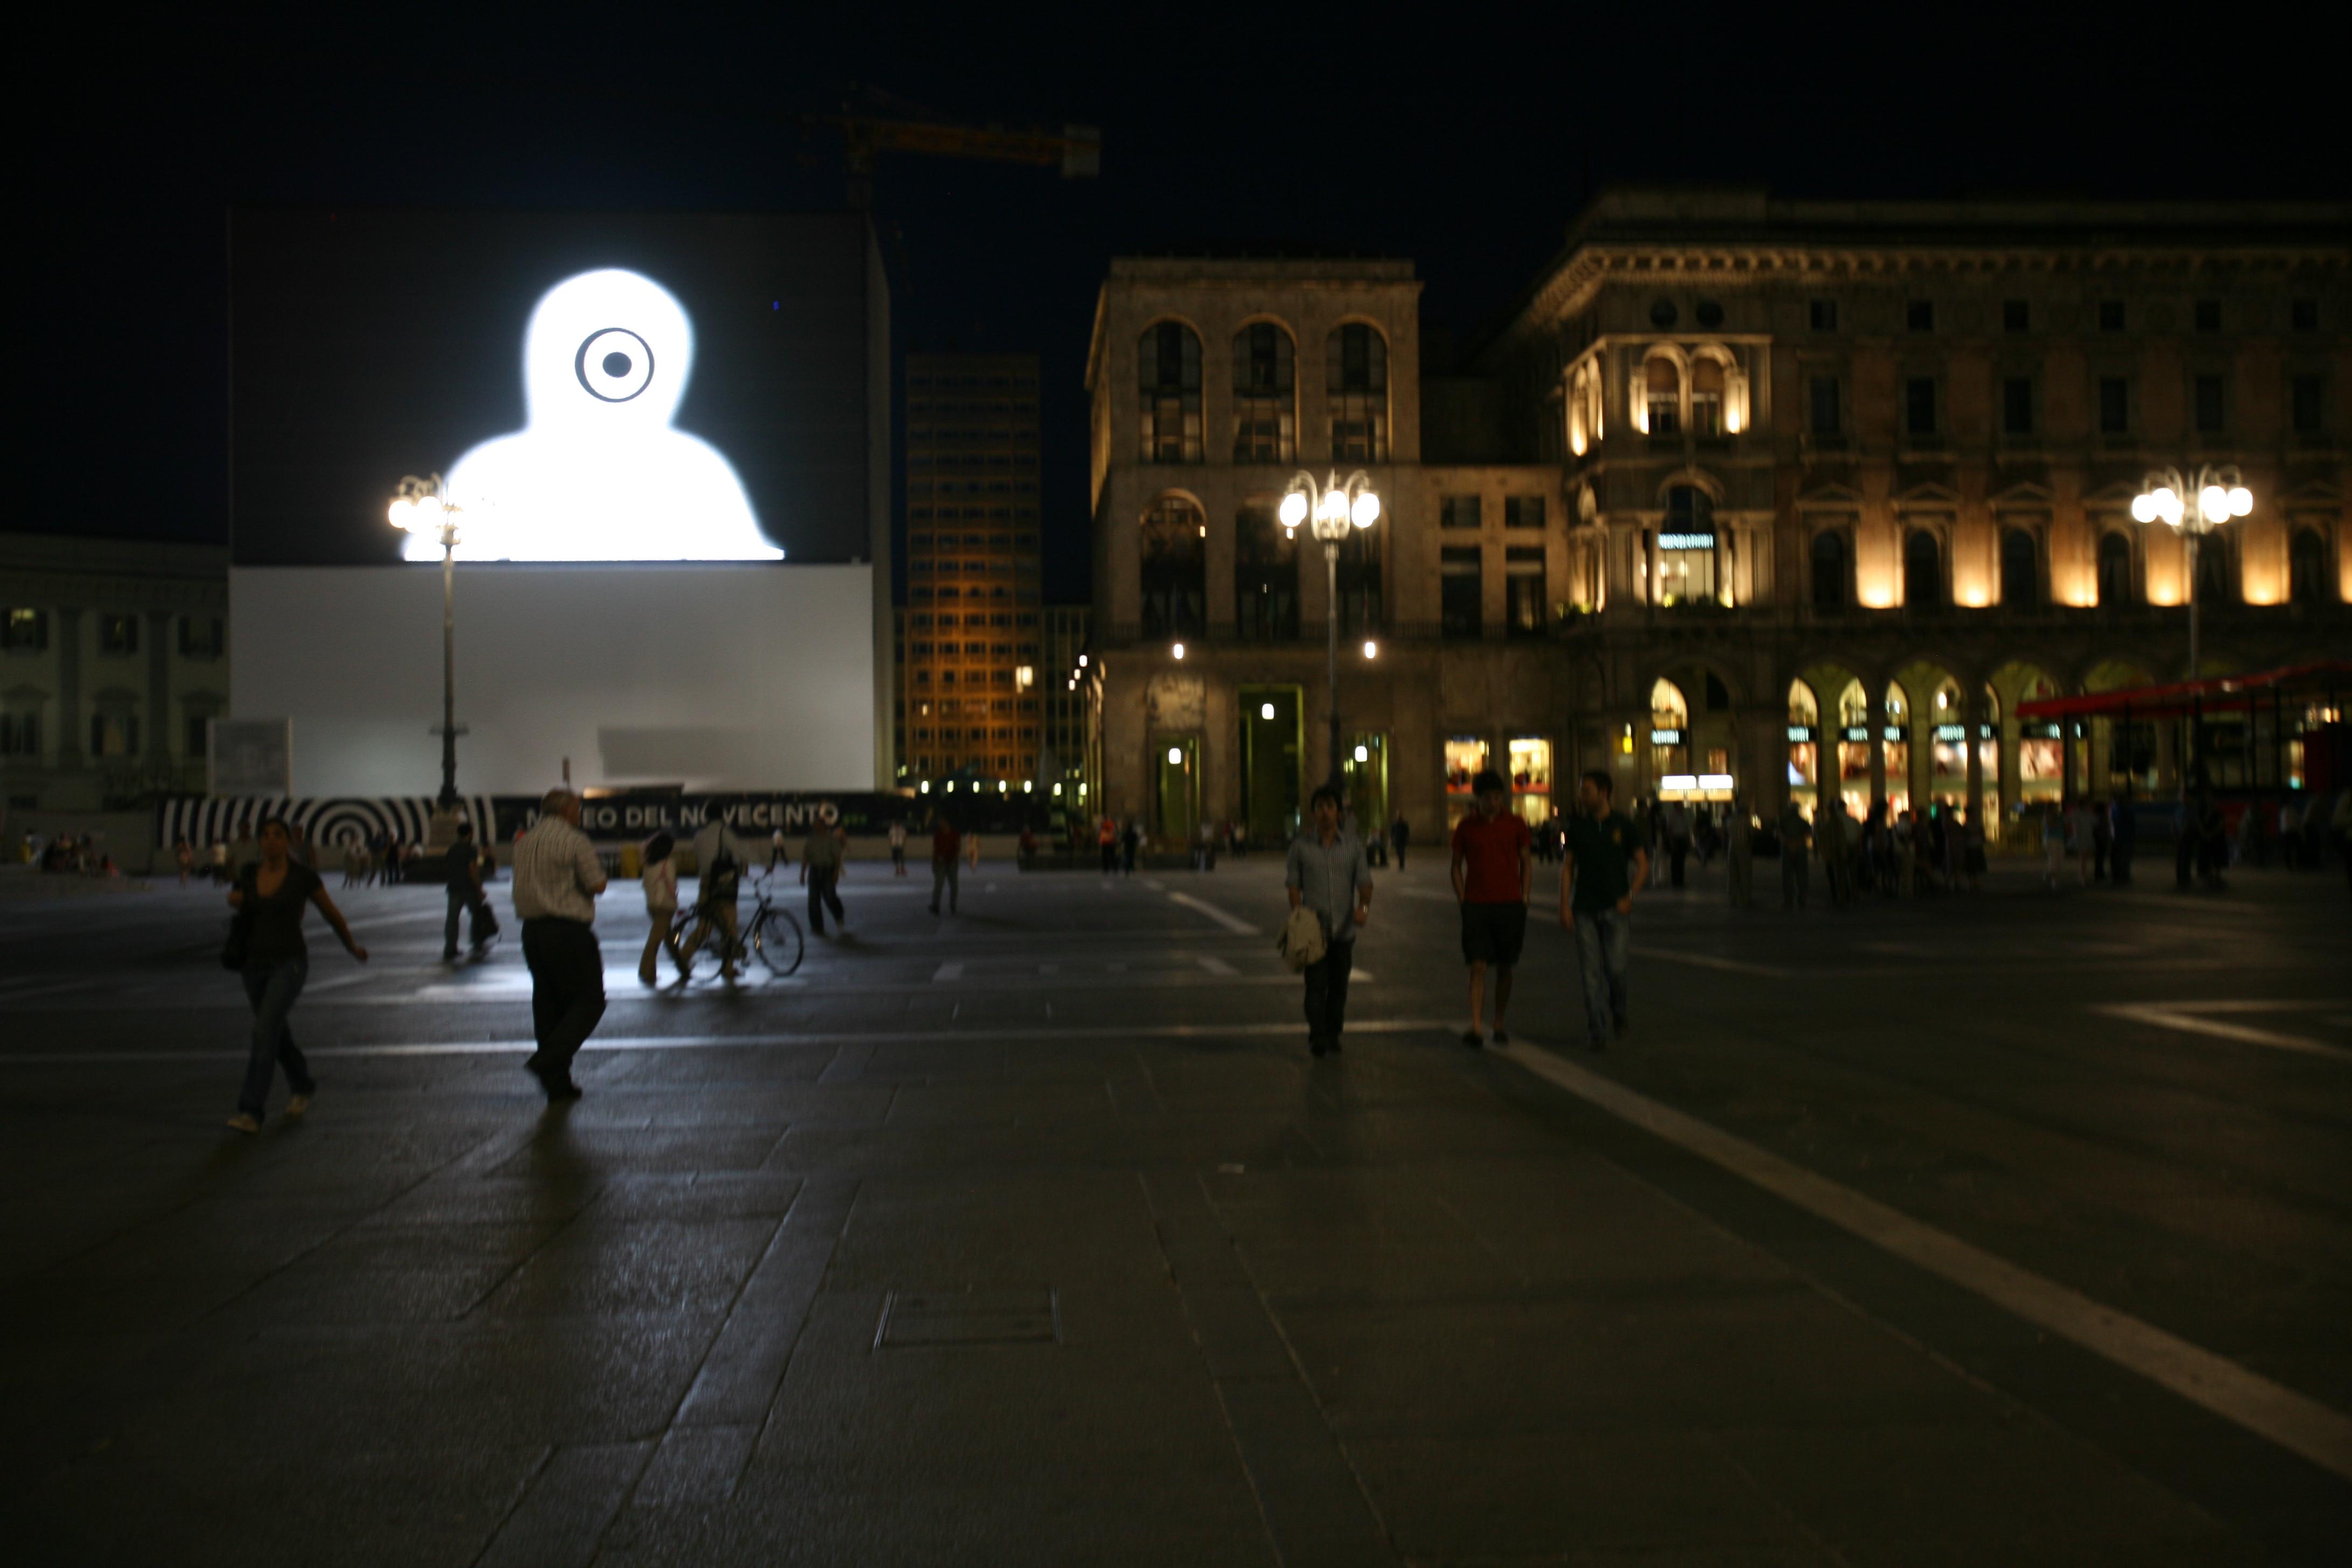 Piazza del Duom